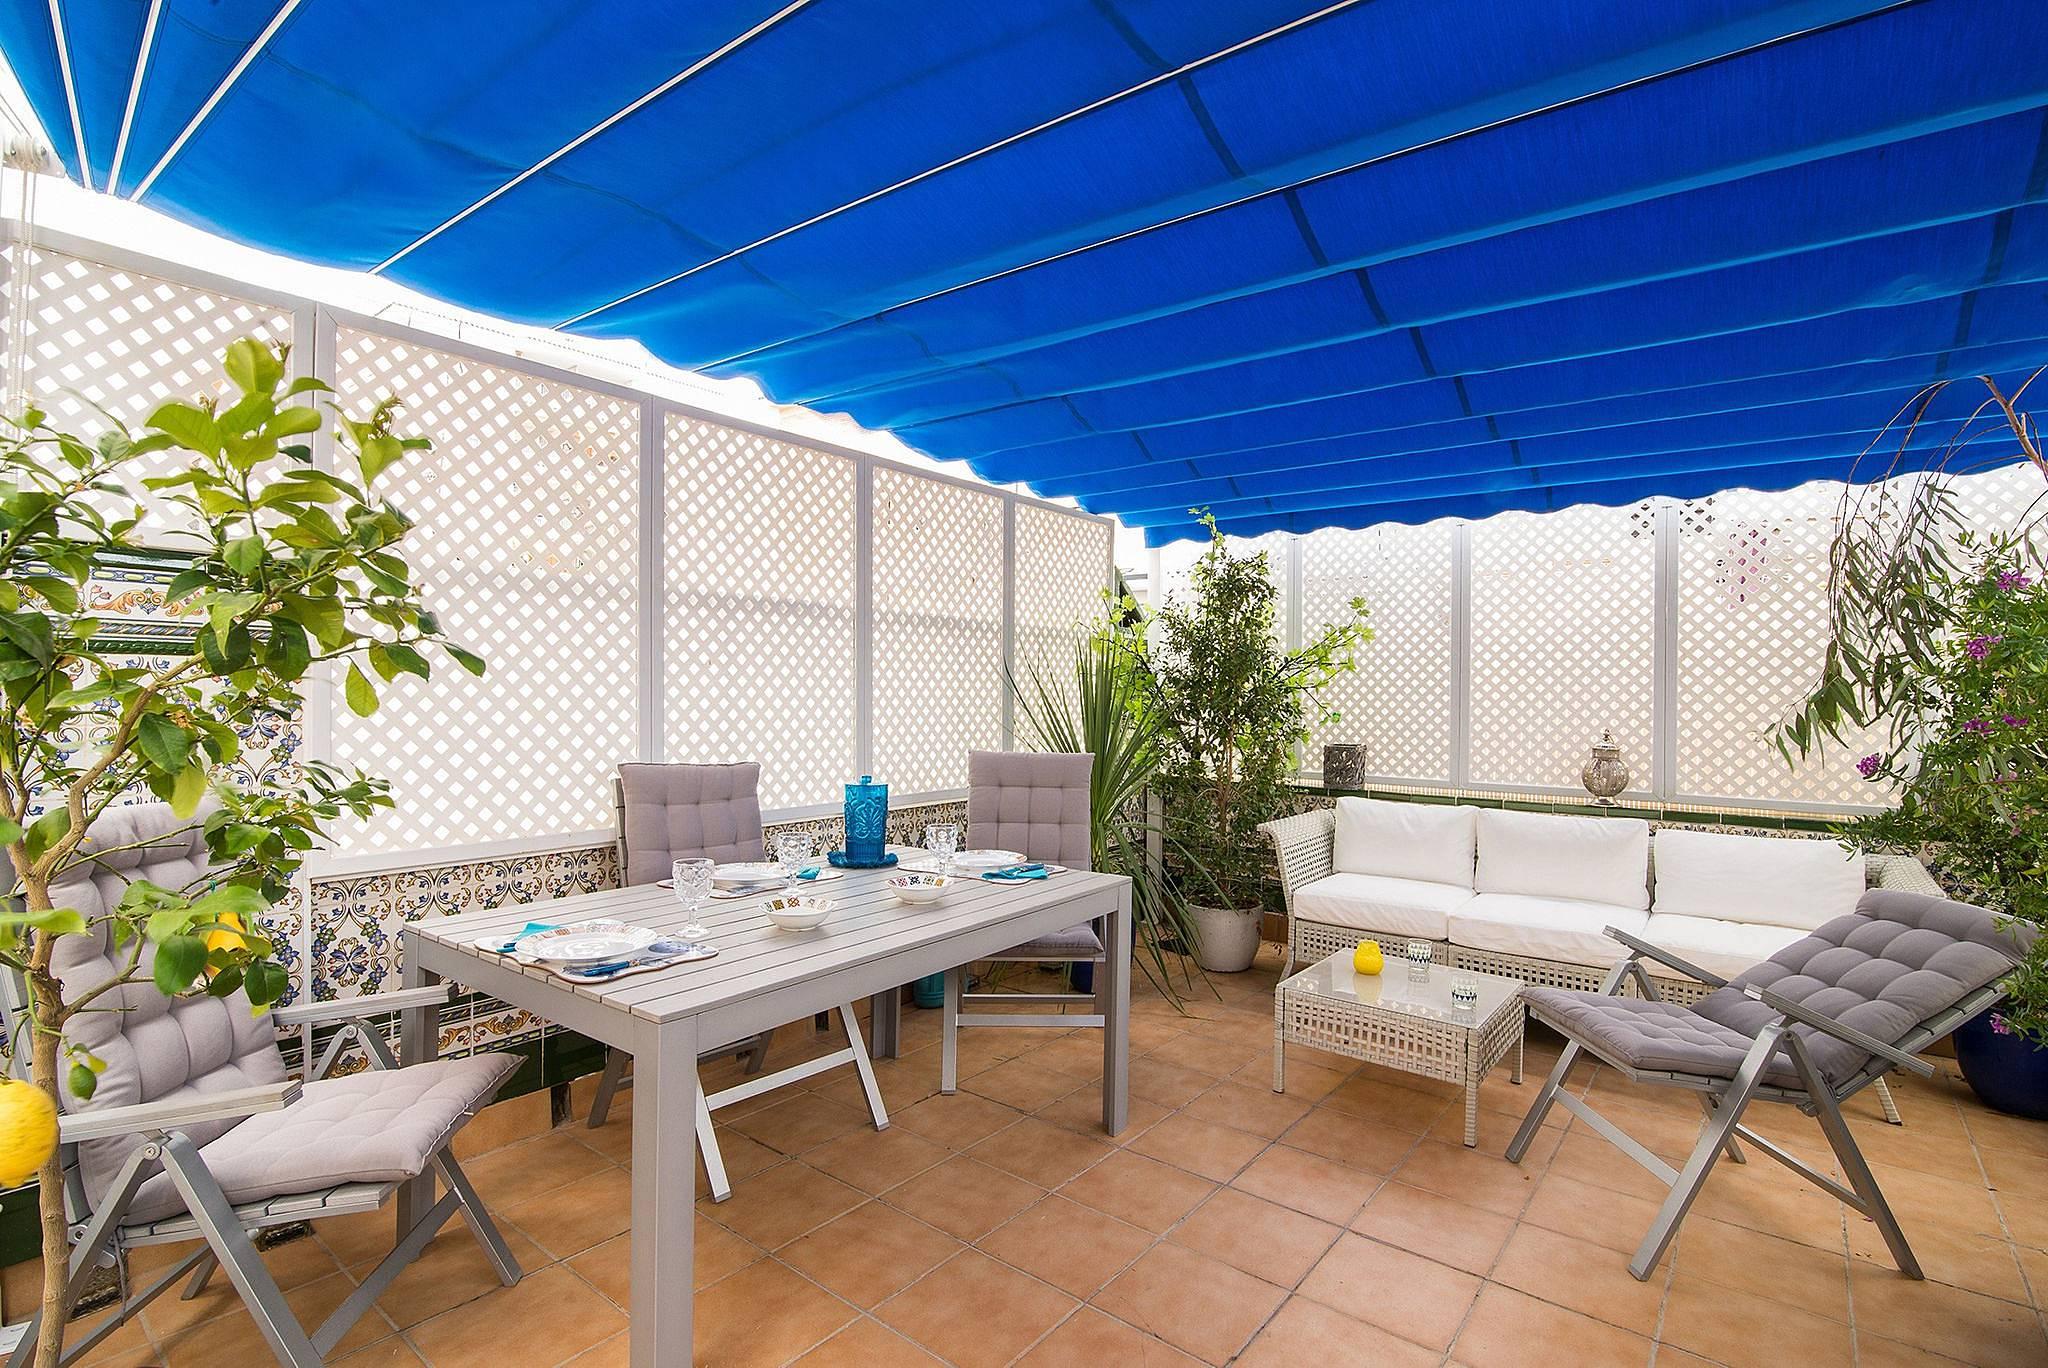 Appartement pour 5 personnes sitges sitges barcelone for Appart hotel 5 personnes barcelone